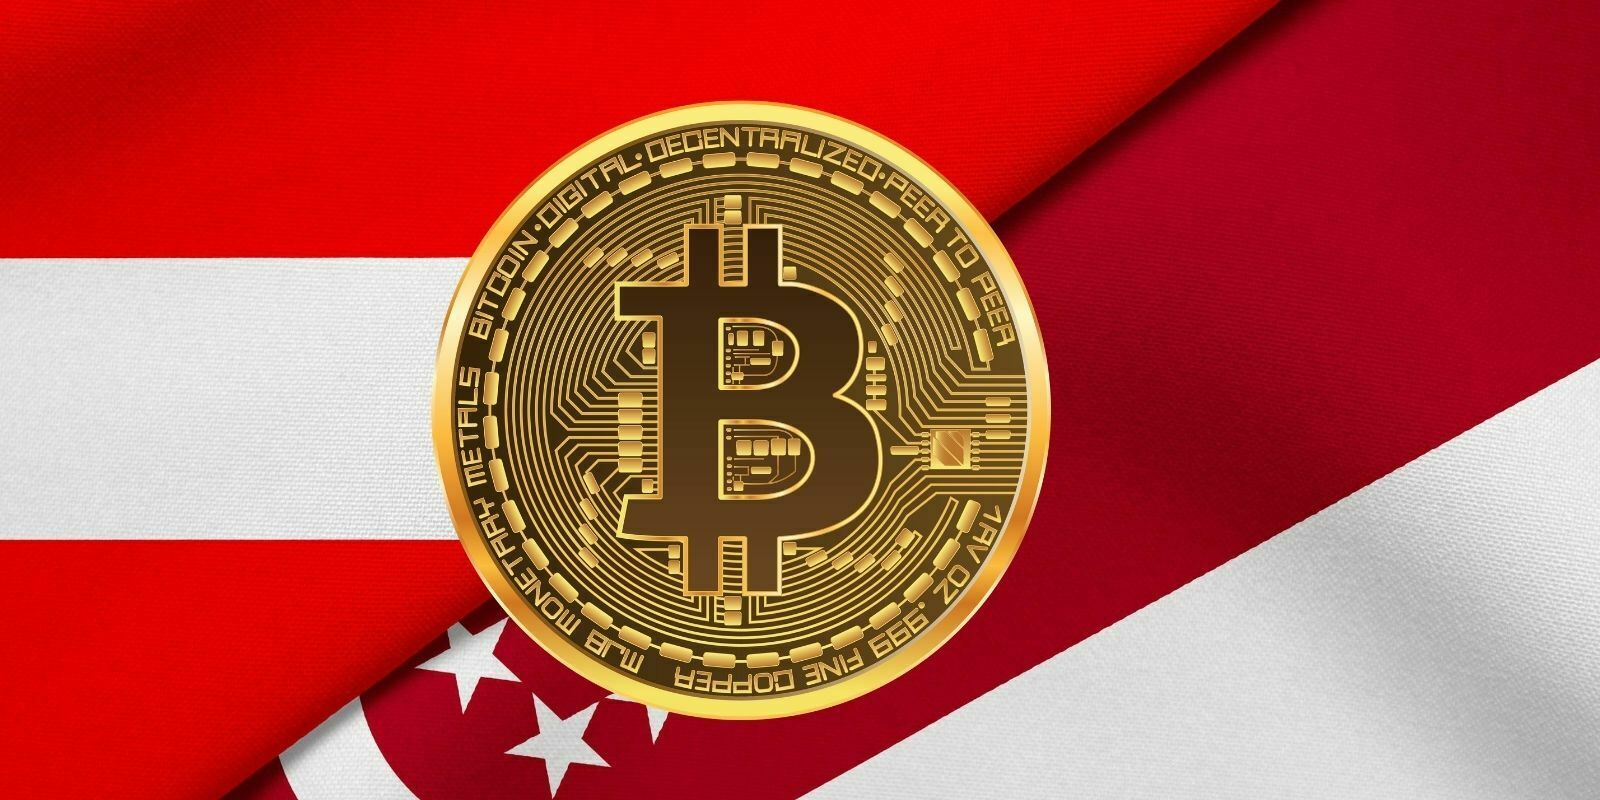 Les bourses de Vienne et de Singapour adoptent le Bitcoin et l'Ether